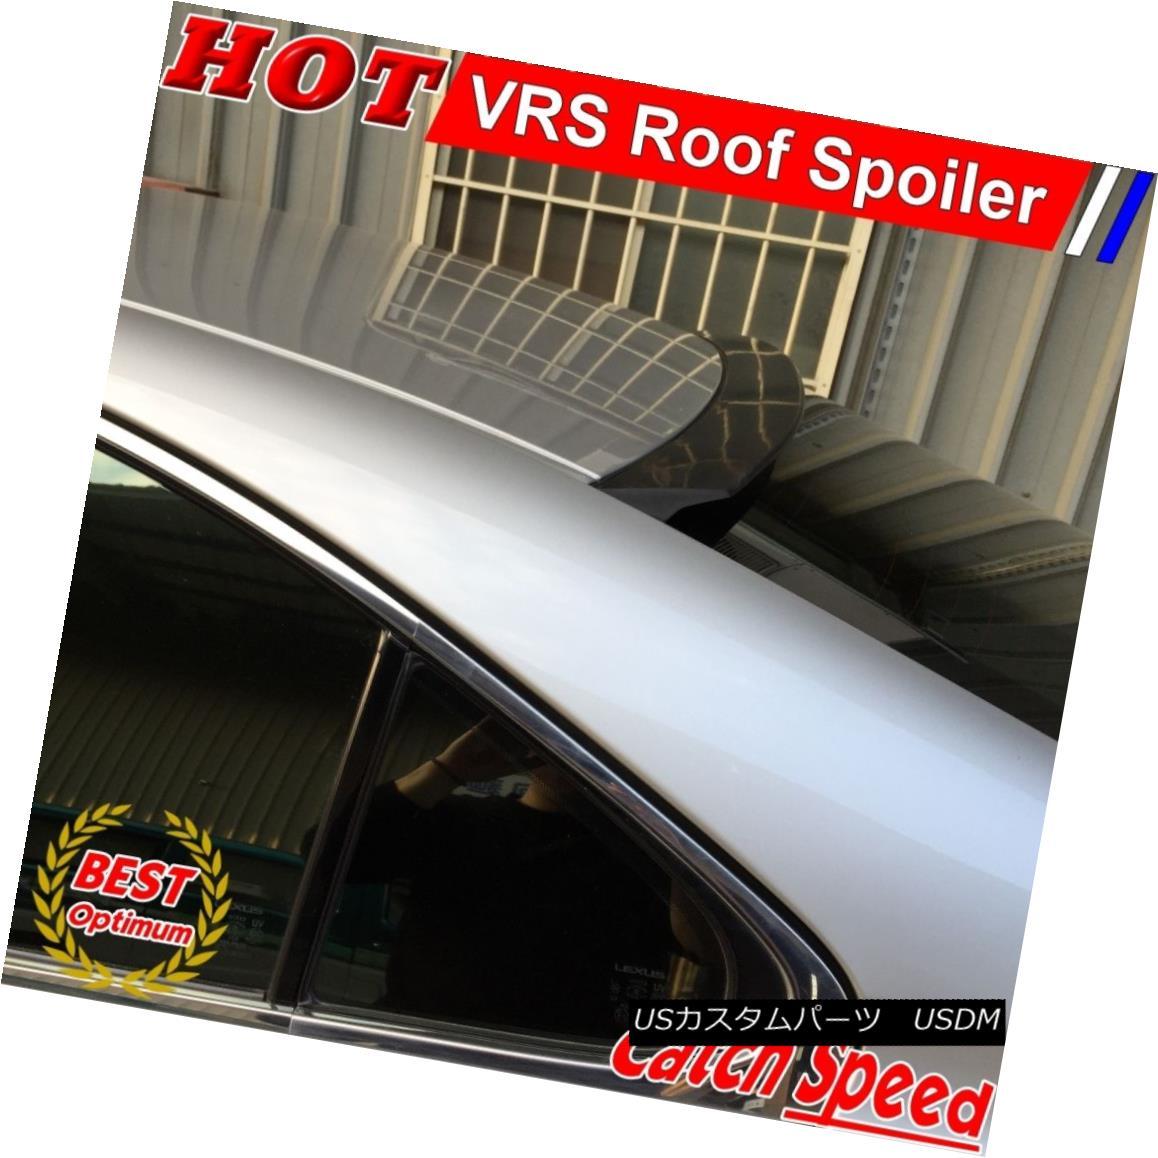 エアロパーツ Painted VRS Type Rear Roof Spoiler Wing For VOLKSWAGEN VENTO Sedan 2010-2015 VOLKSWAGEN VENTO Sedan 2010-2015塗装VRSタイプリアルーフスポイラーウィング